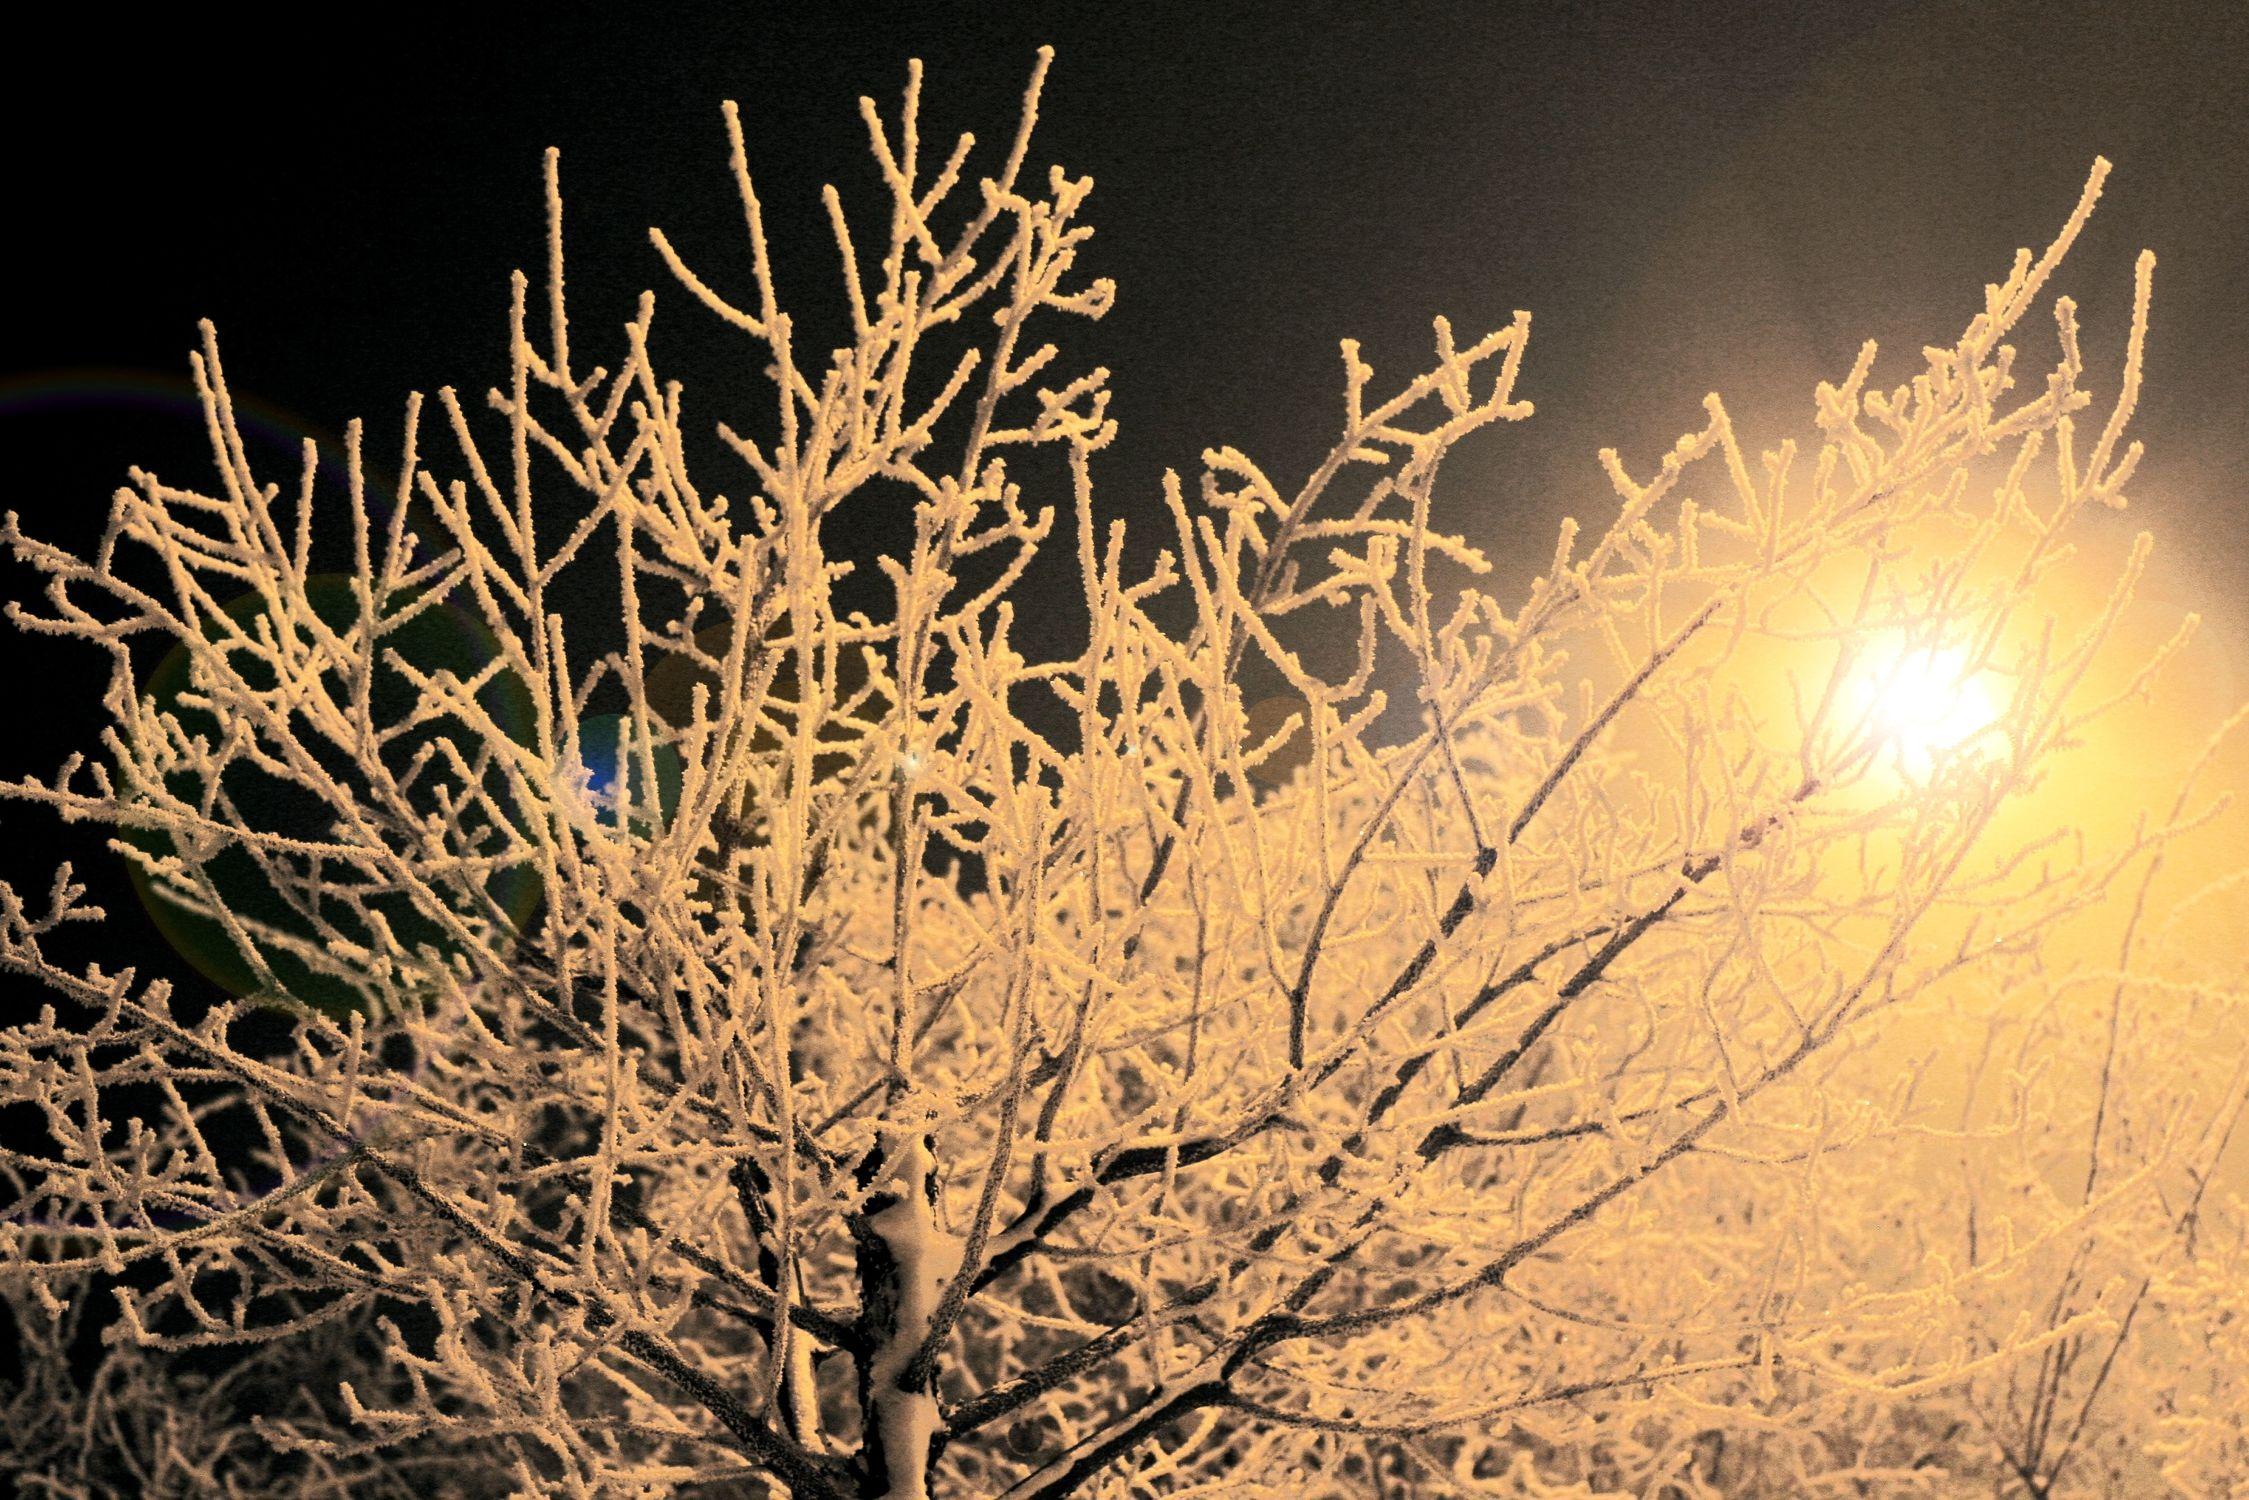 Bild mit Natur, Pflanzen, Himmel, Bäume, Jahreszeiten, Winter, Baum, Pflanze, Tree